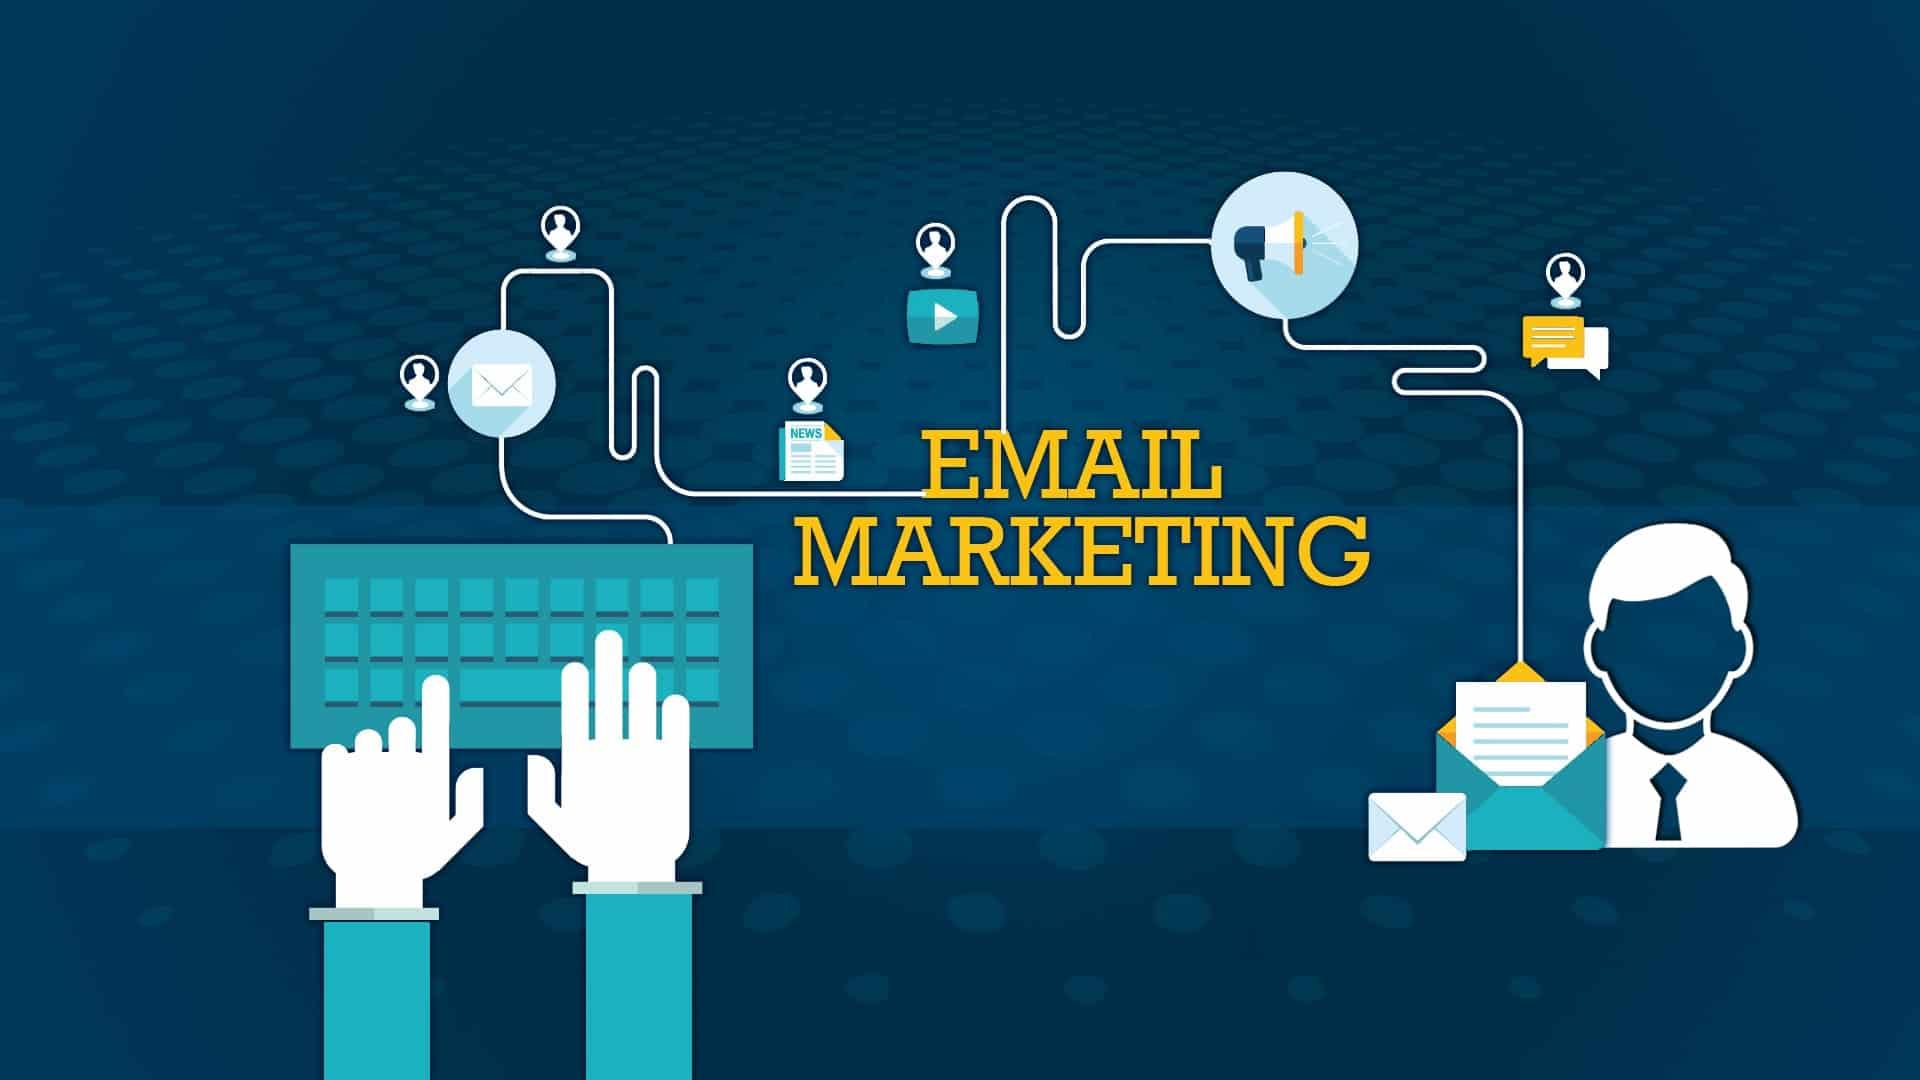 حقائق واحصائيات مثيرة حول التسويق الإلكتروني